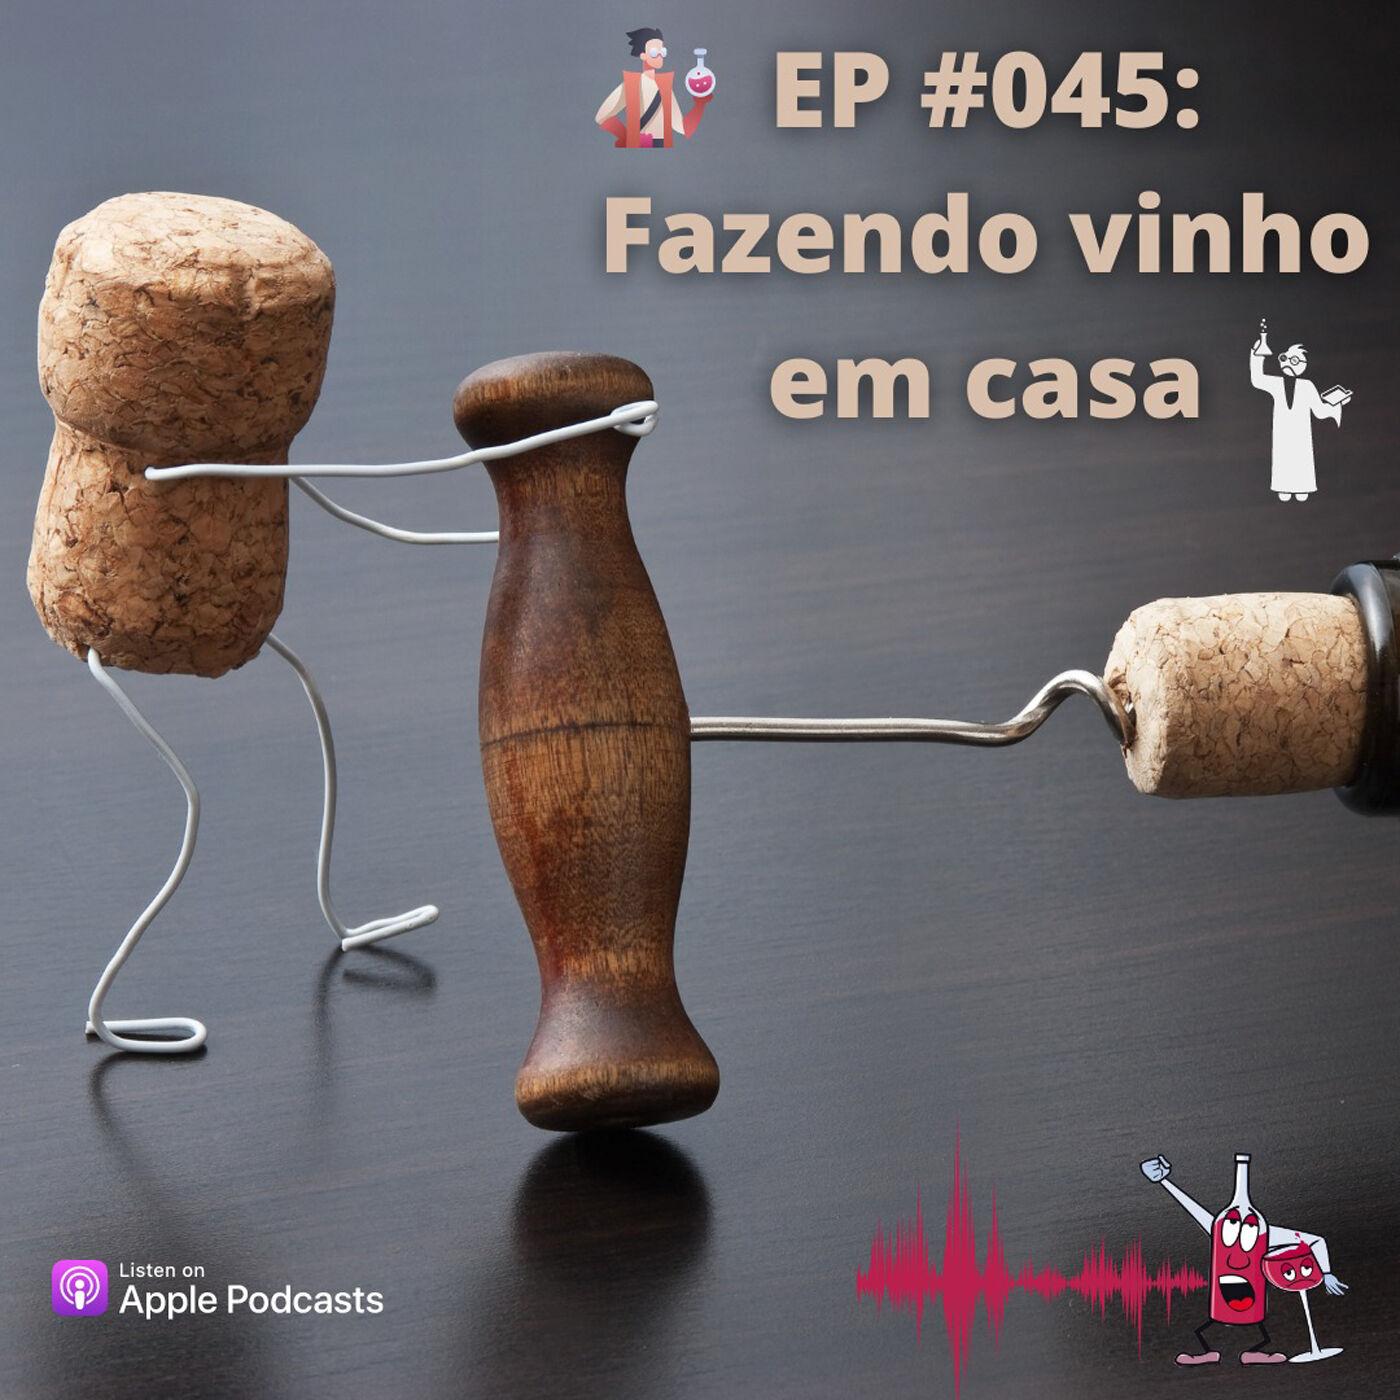 EP #045 - Fazendo Vinho em Casa